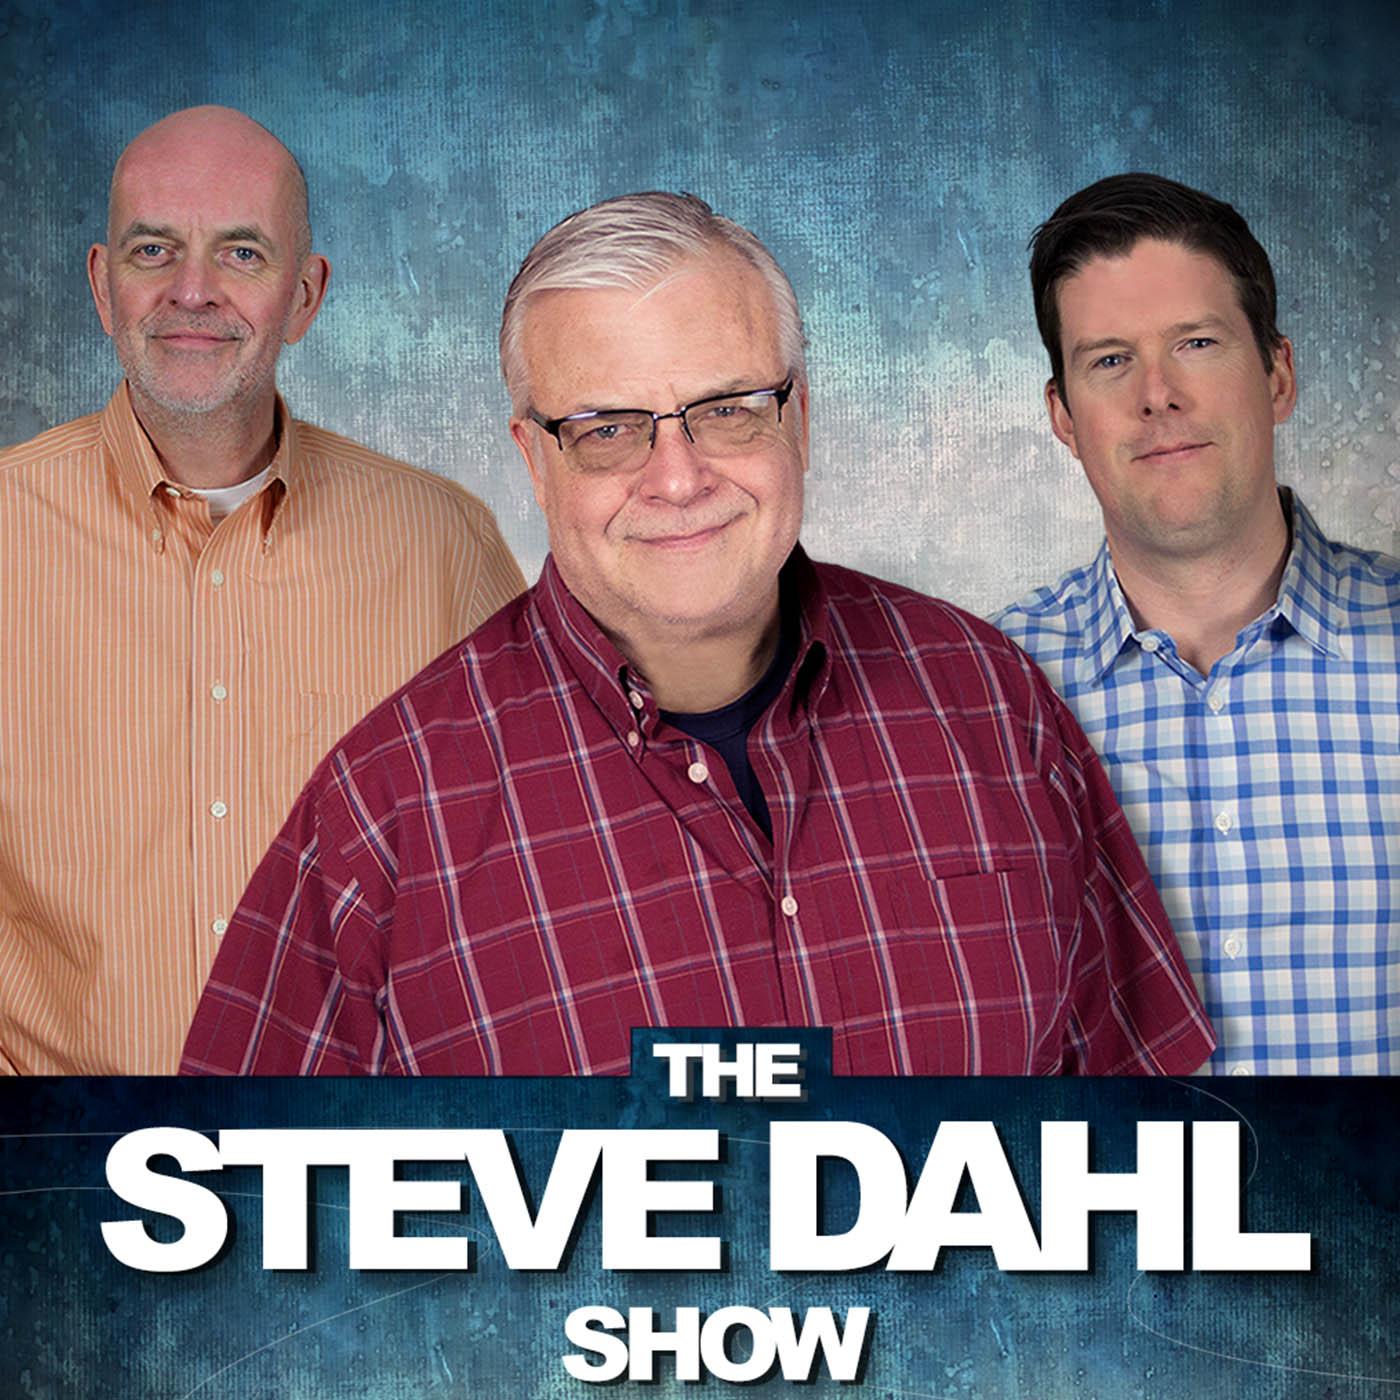 The Steve Dahl Show show art